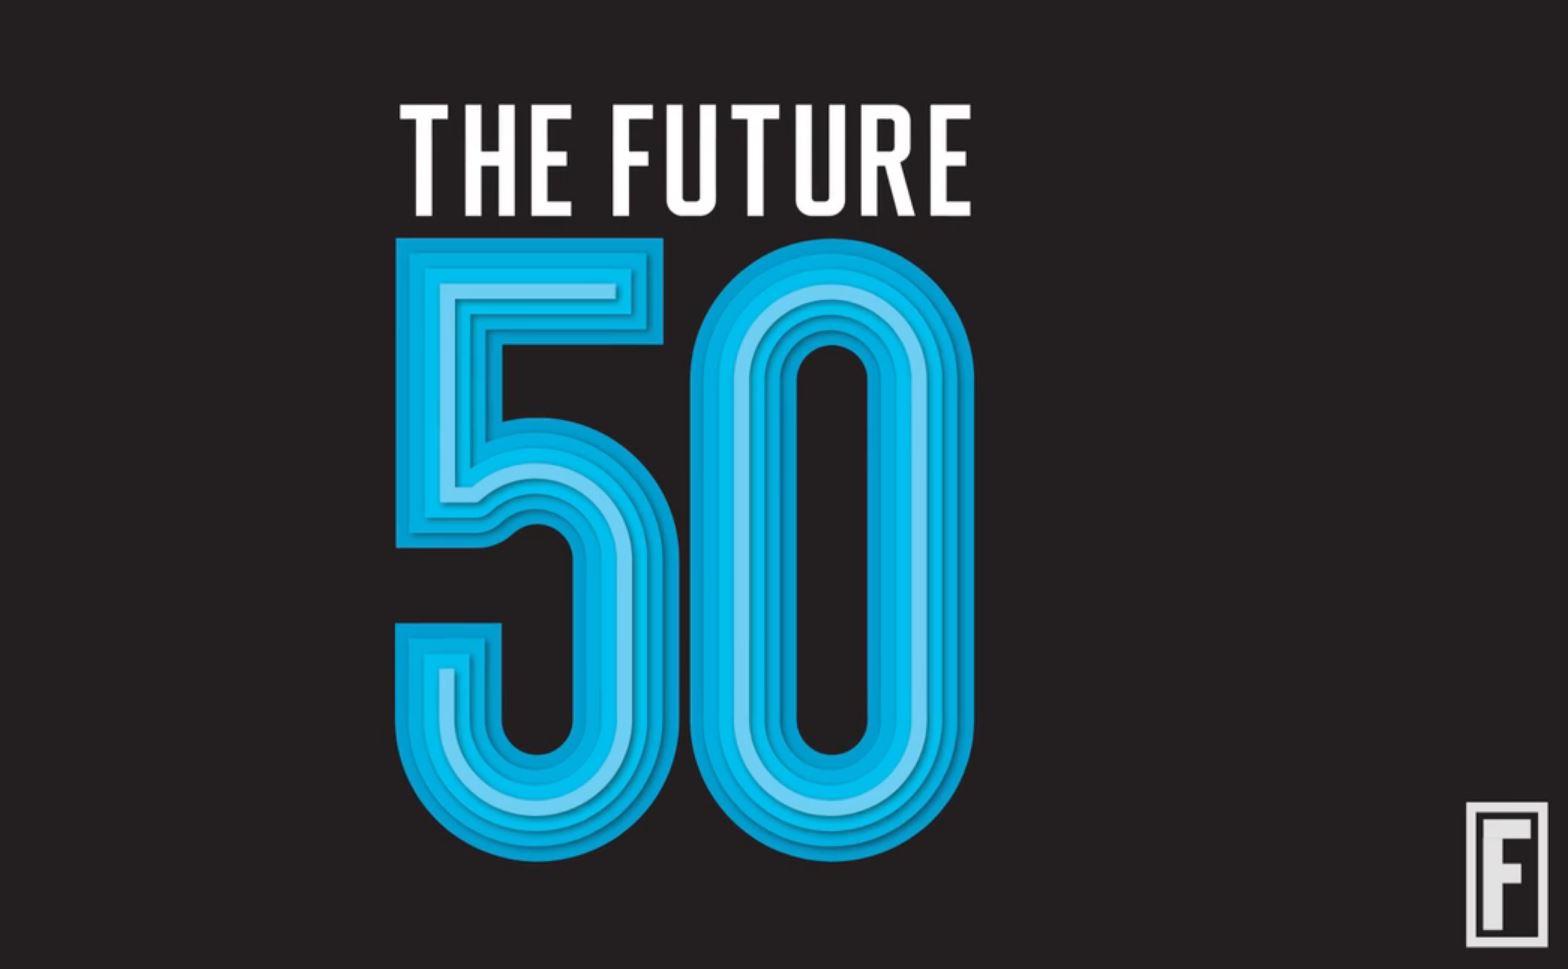 lista fortune future 50